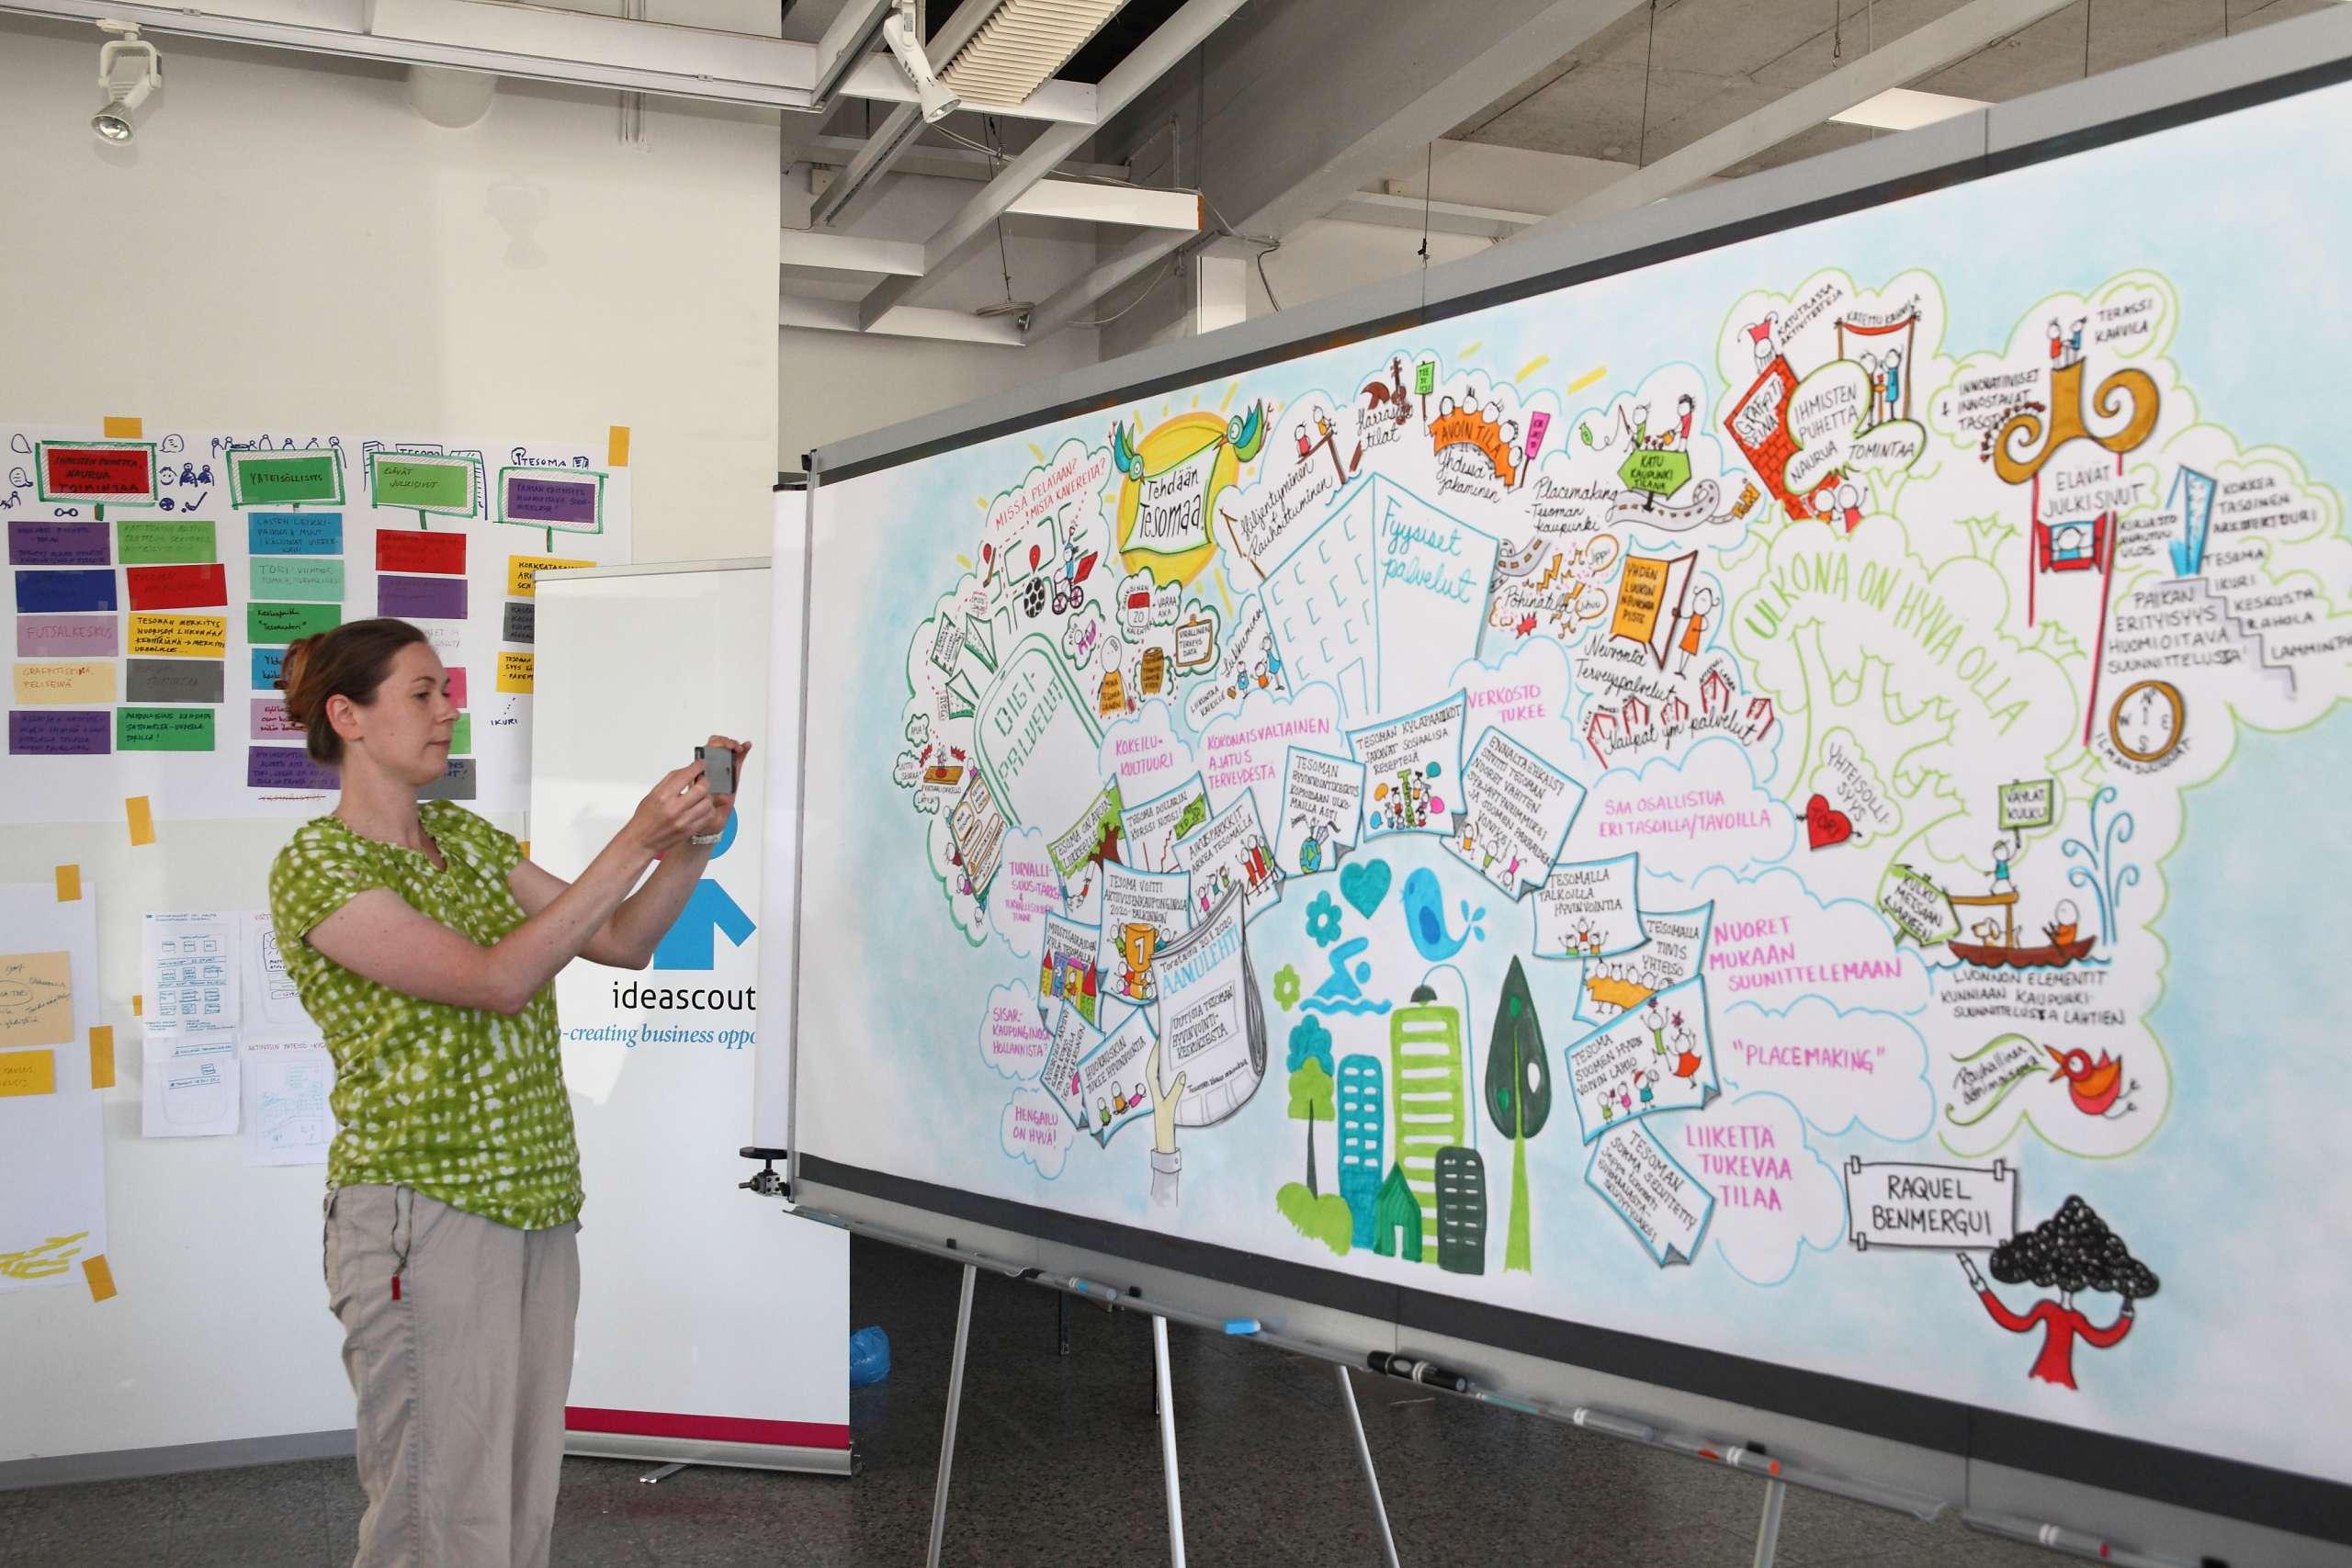 Nainen seisoo kuvaamassa suuren taulun vierellä, taulu on täynnä tekstiä ja piirroksia.